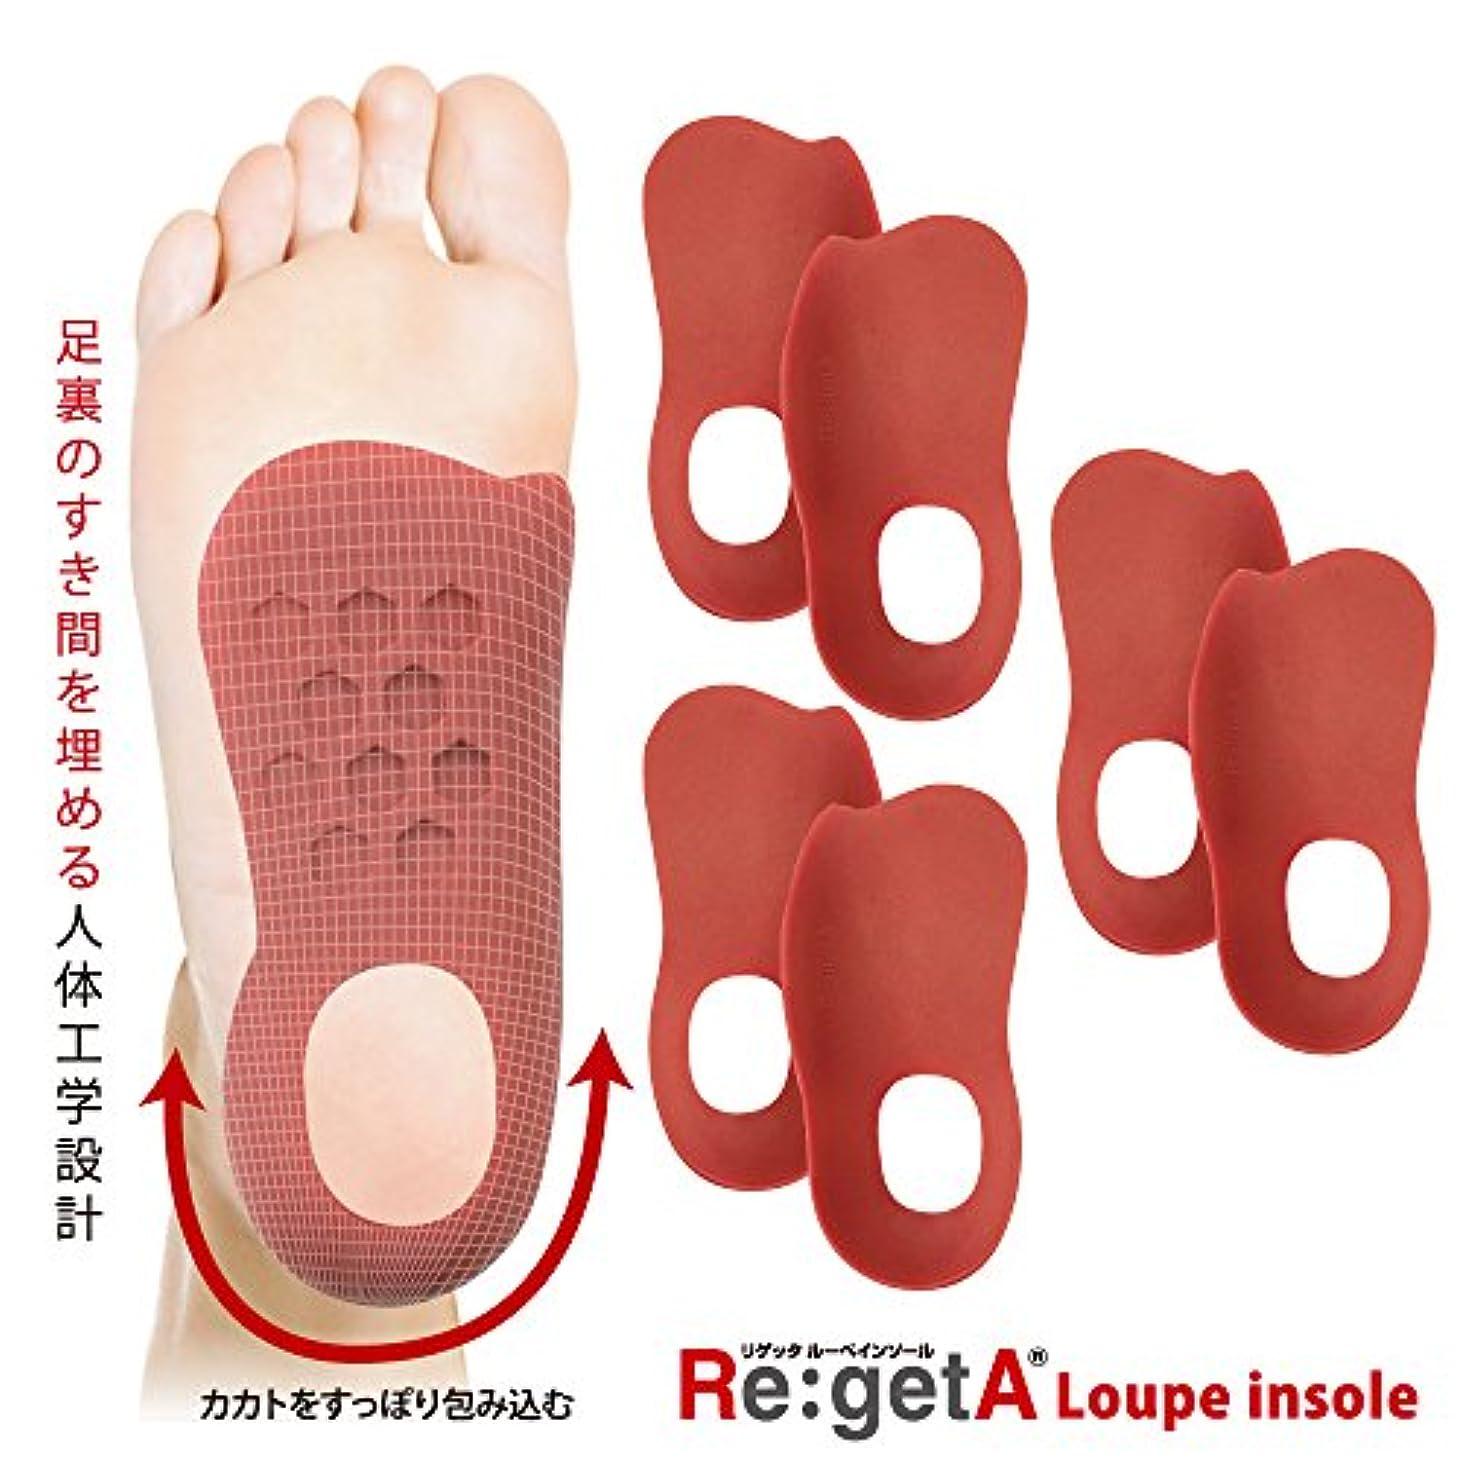 手を差し伸べる内部寛容なリゲッタ(Re:getA) ルーペインソール ロッソ 3足組 レディスサイズ 21.5-25.0cm対応